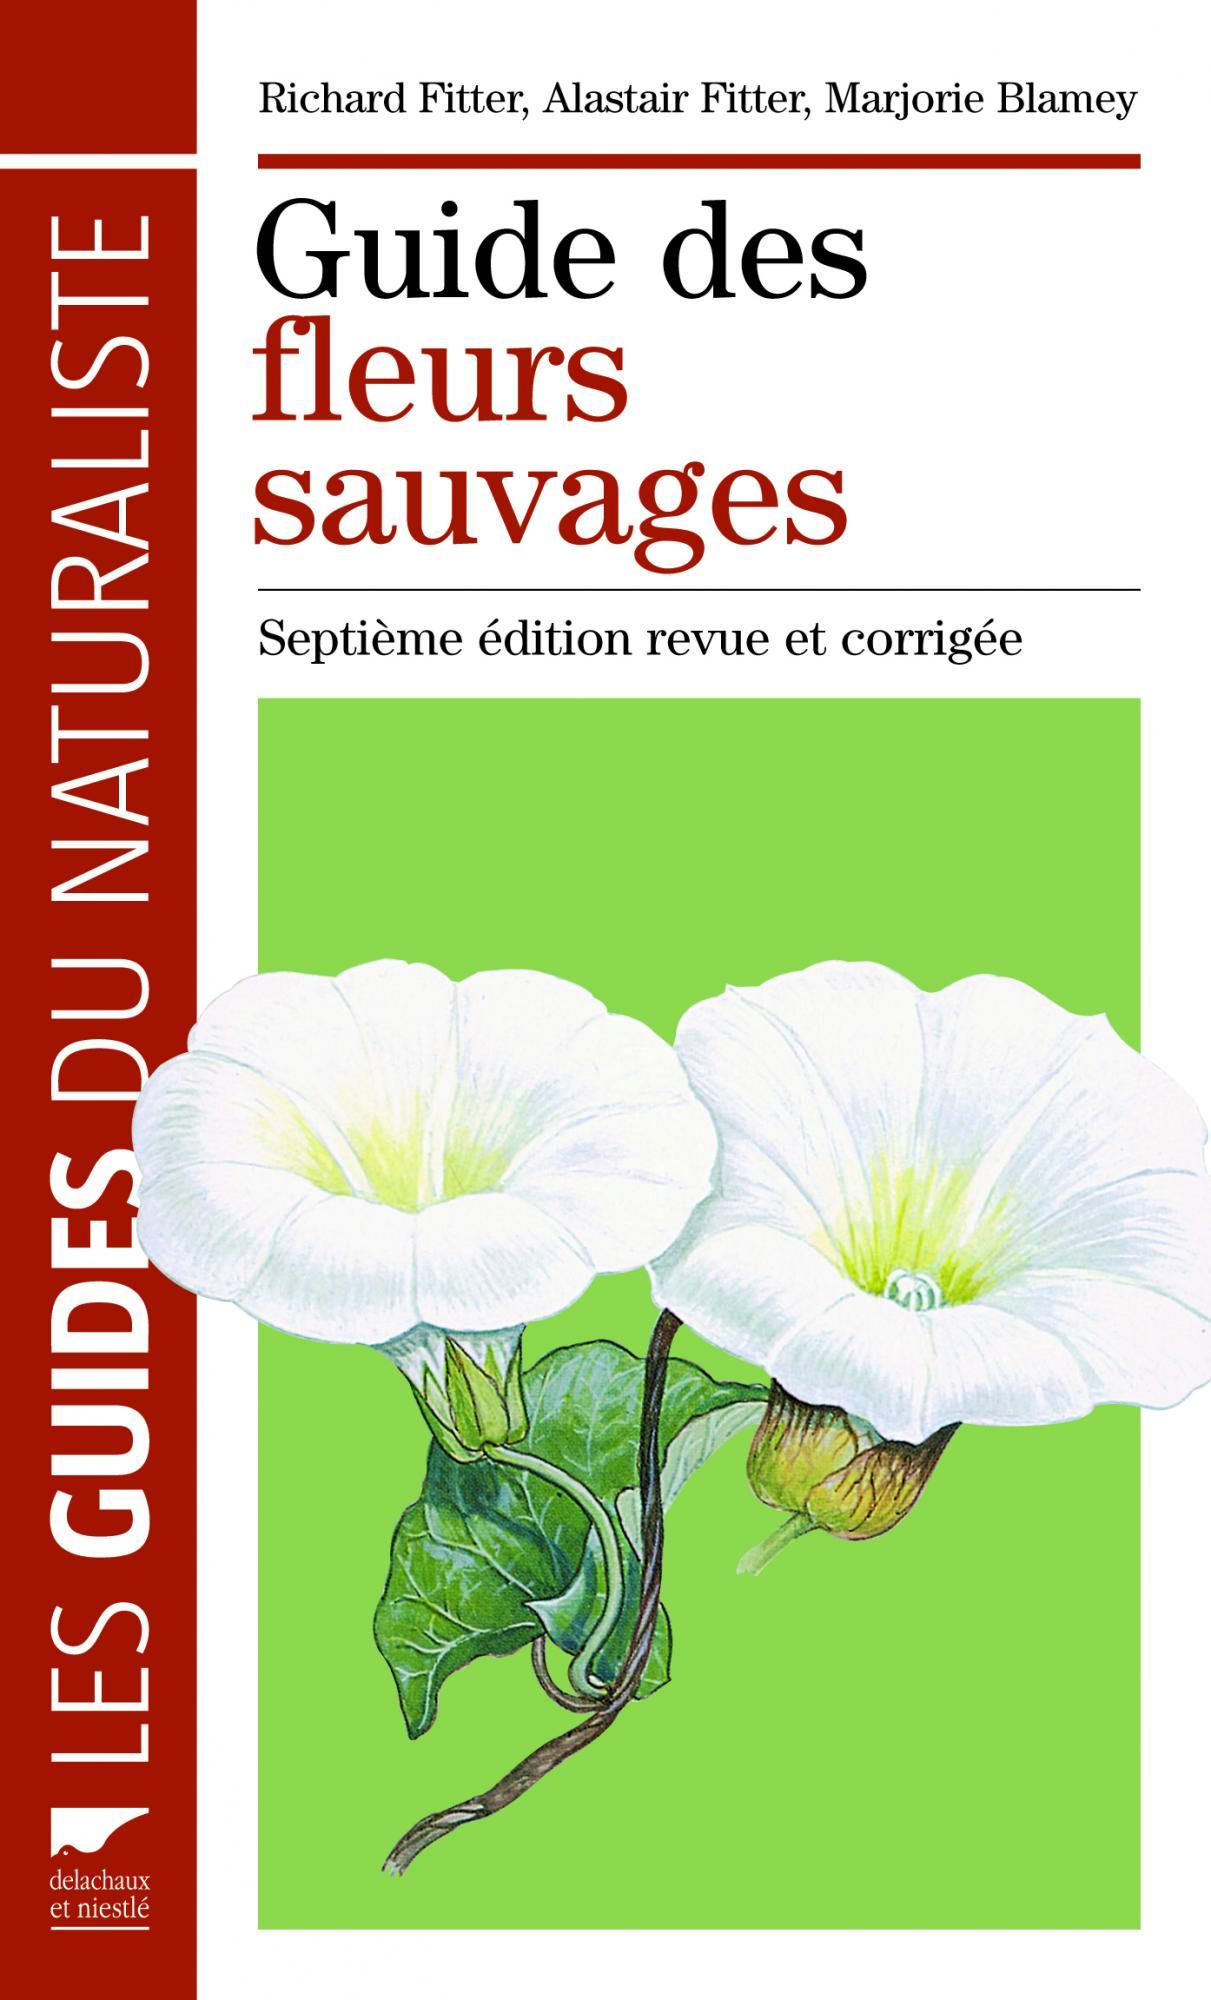 guide des fleurs sauvages.jpg